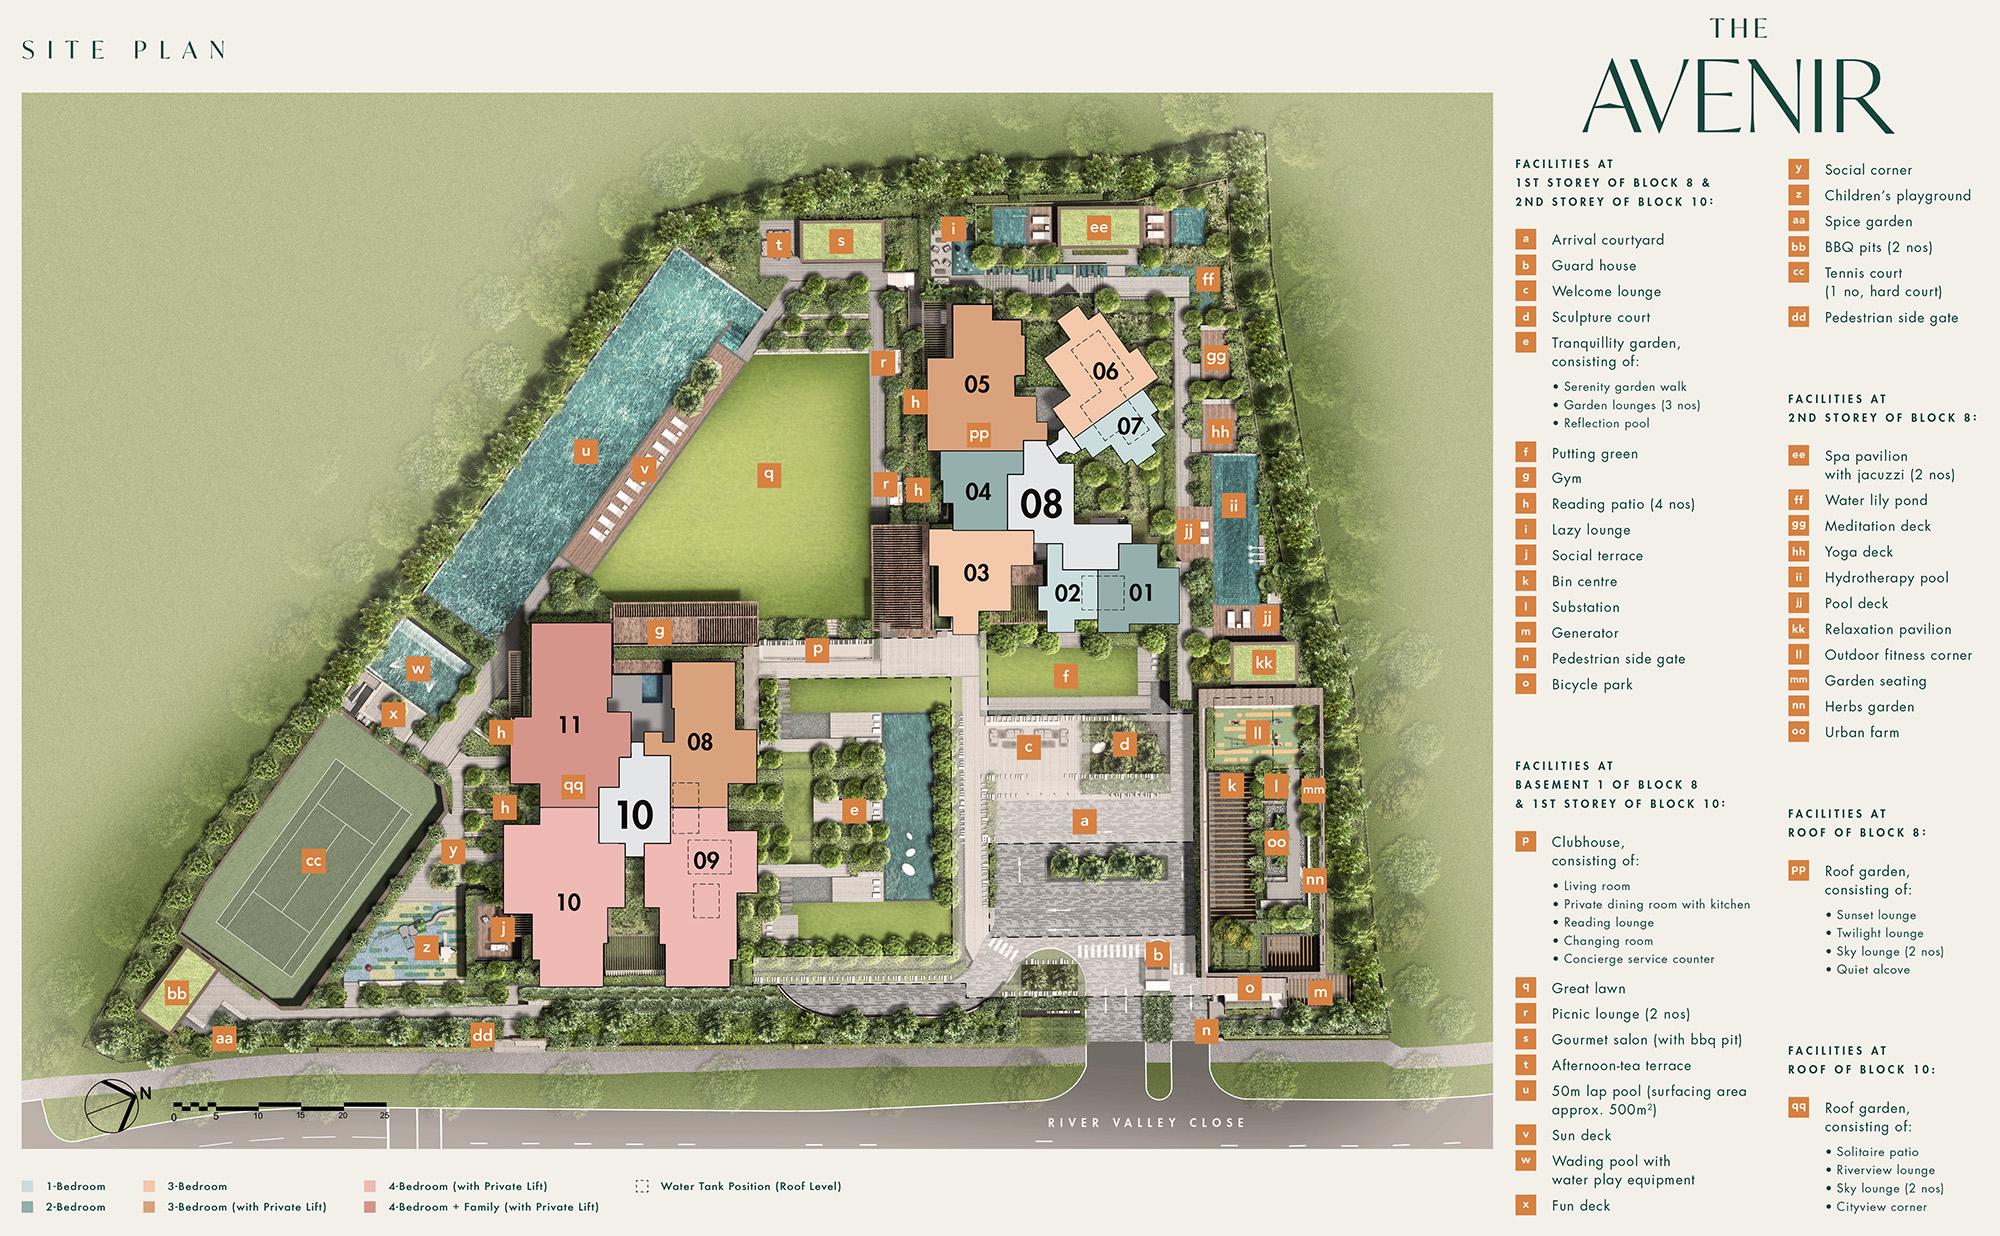 new-condo-singapore-the-avenir-site-plan